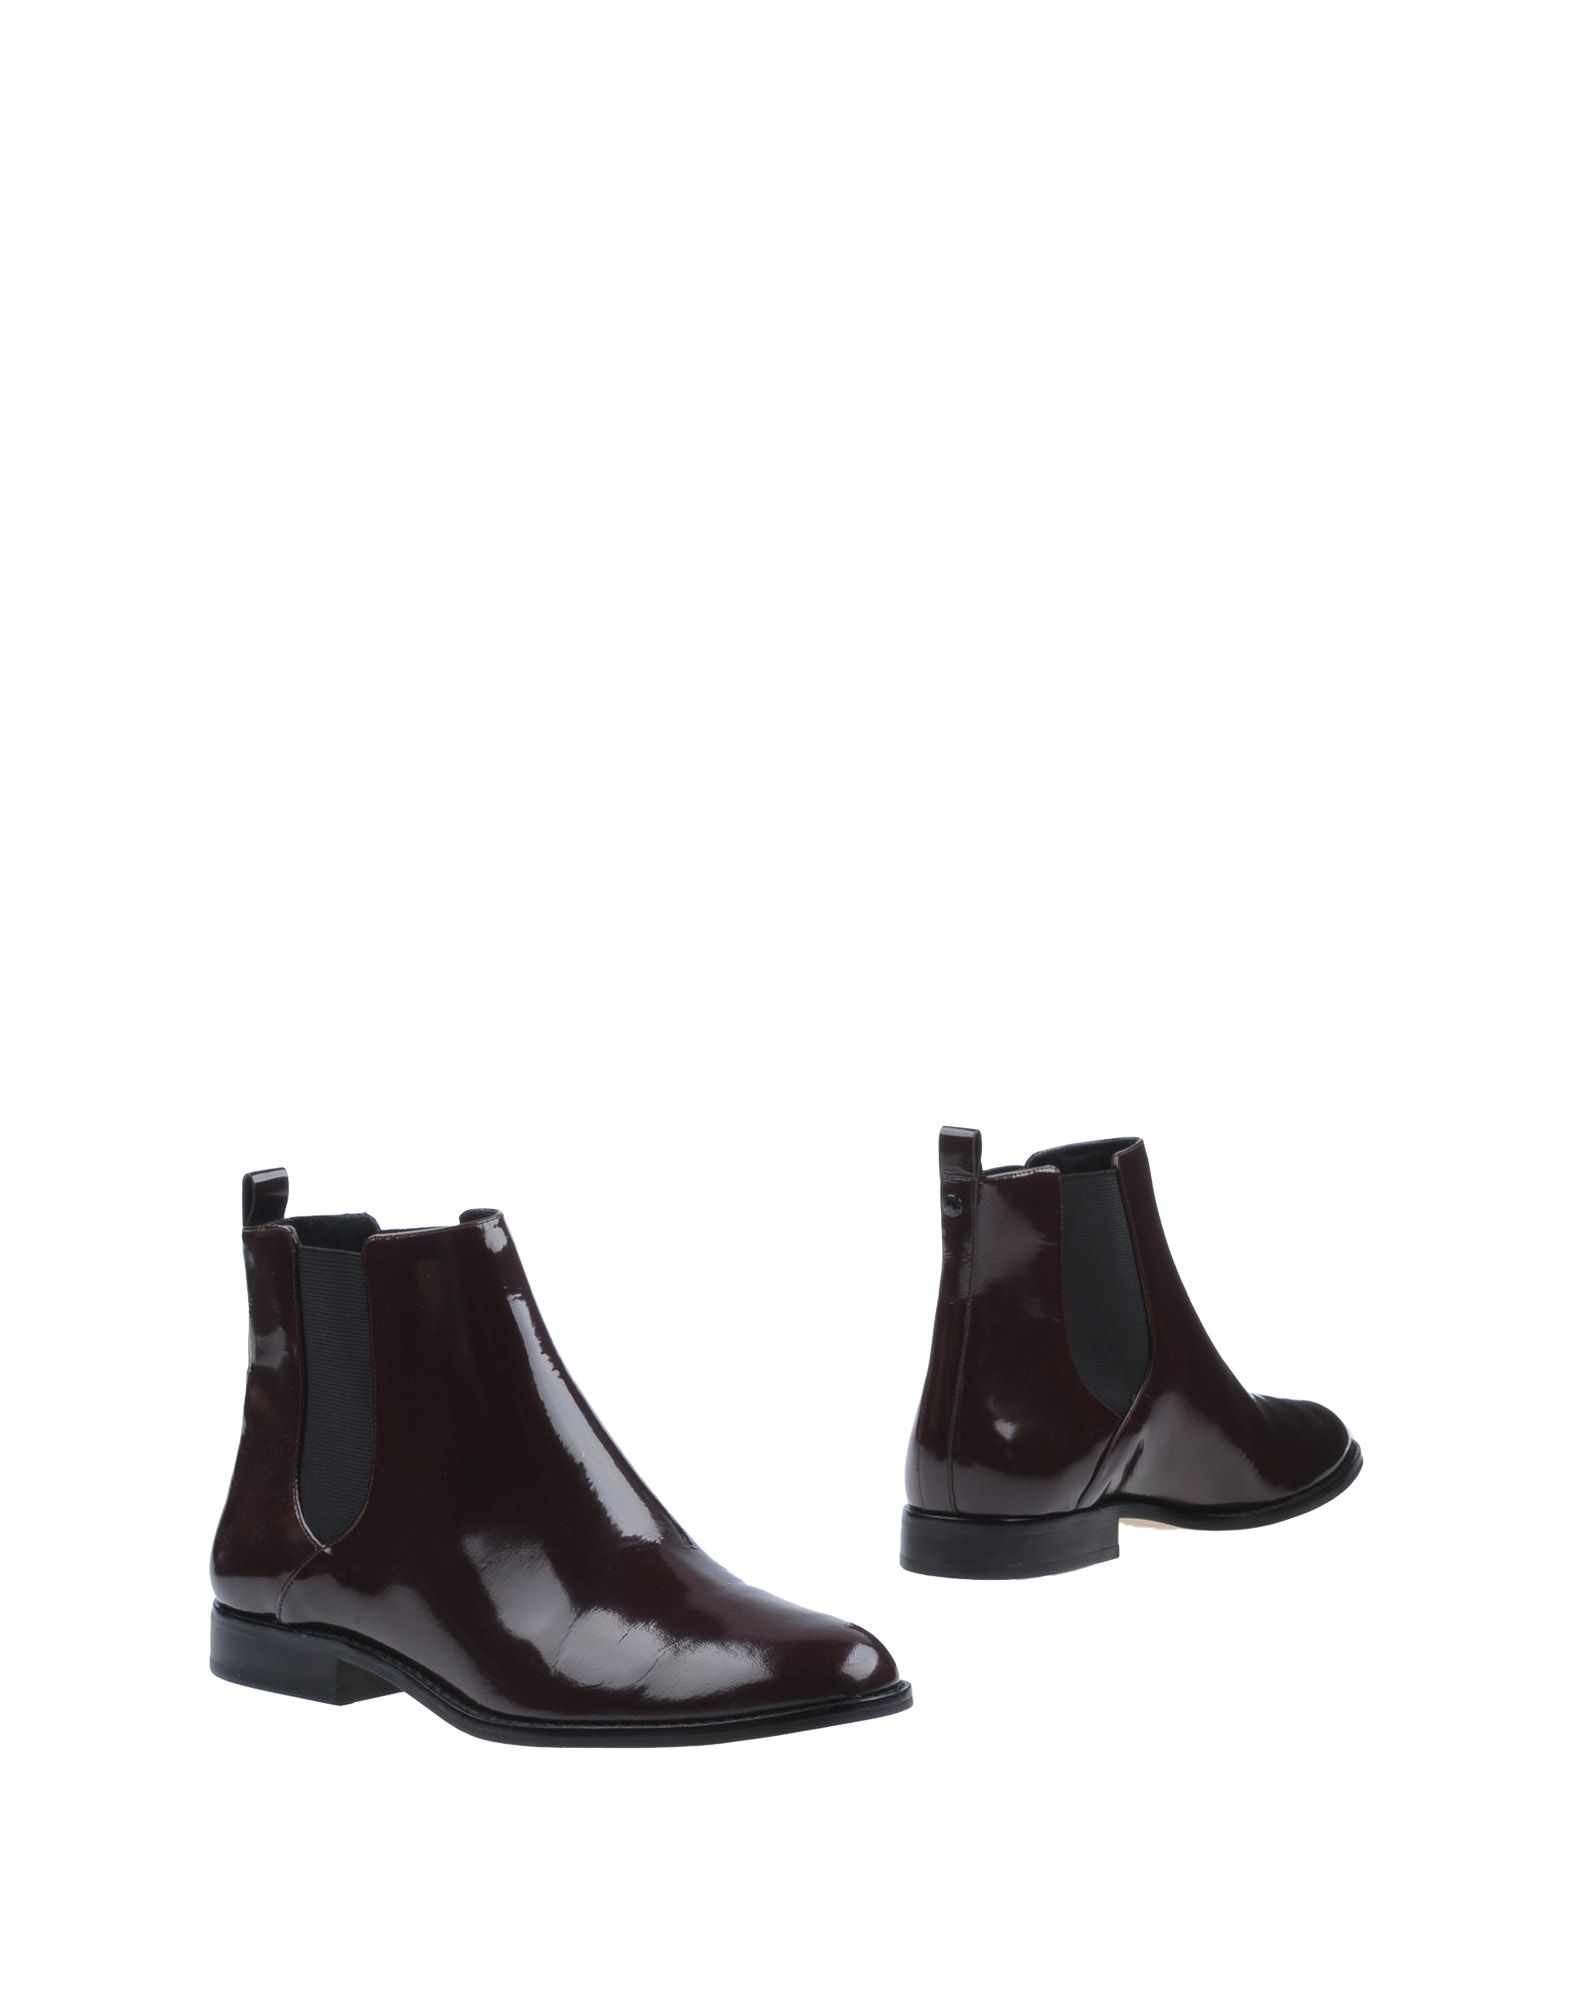 MICHAEL MICHAEL KORS Полусапоги и высокие ботинки ботинки michael michael kors 40f7tdfb6l 001 black